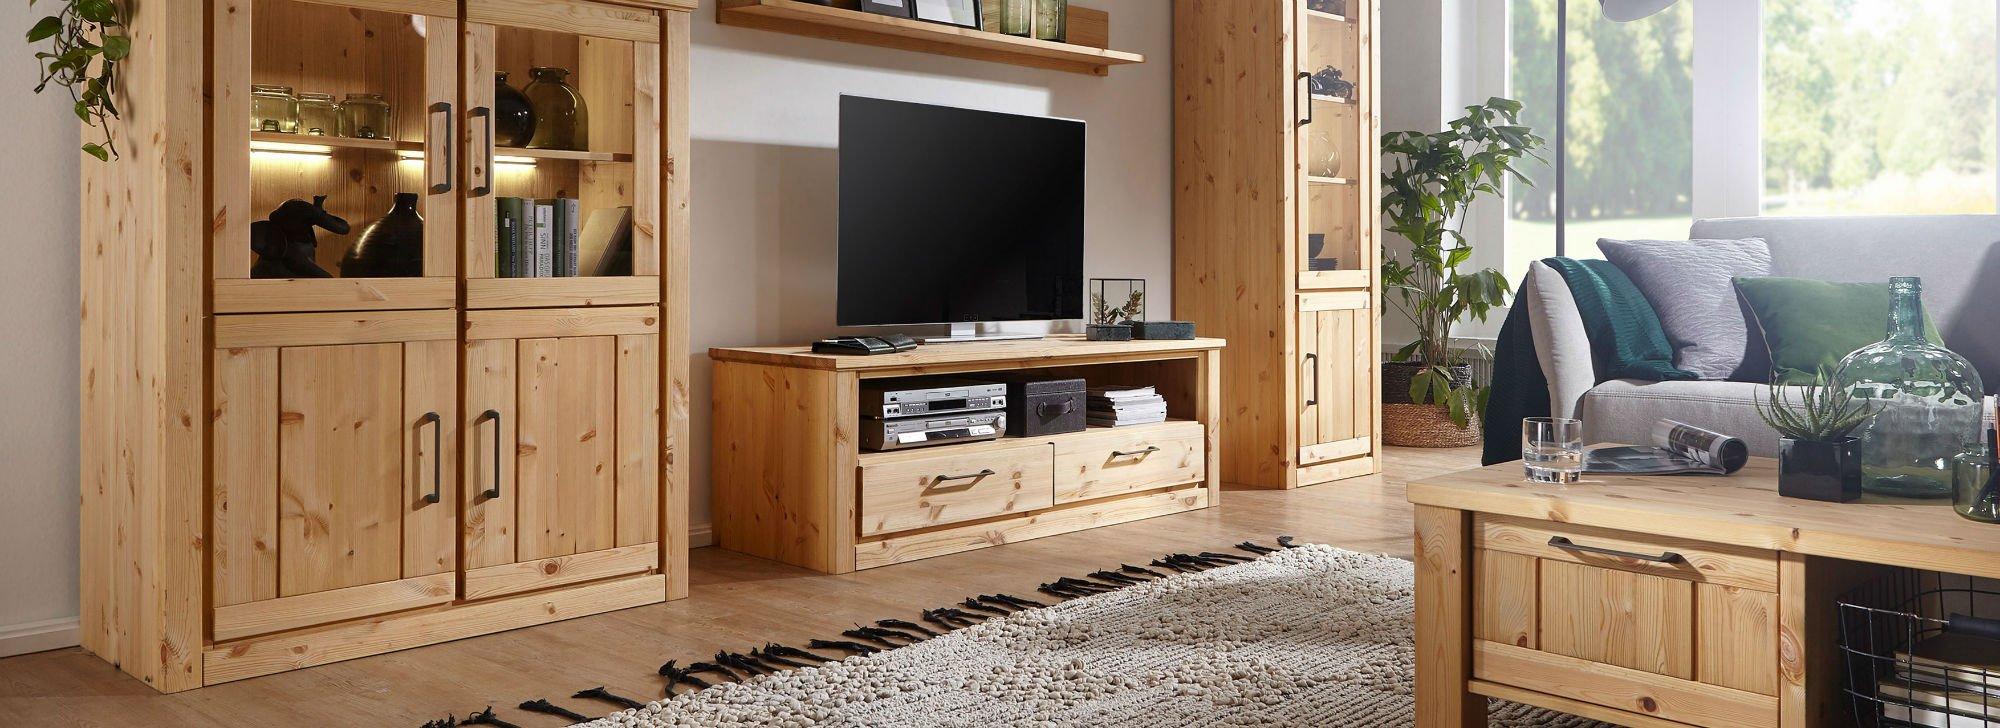 Wohnzimmer und Esszimmer Serie Molde Kiefer Massiv, Bild 4